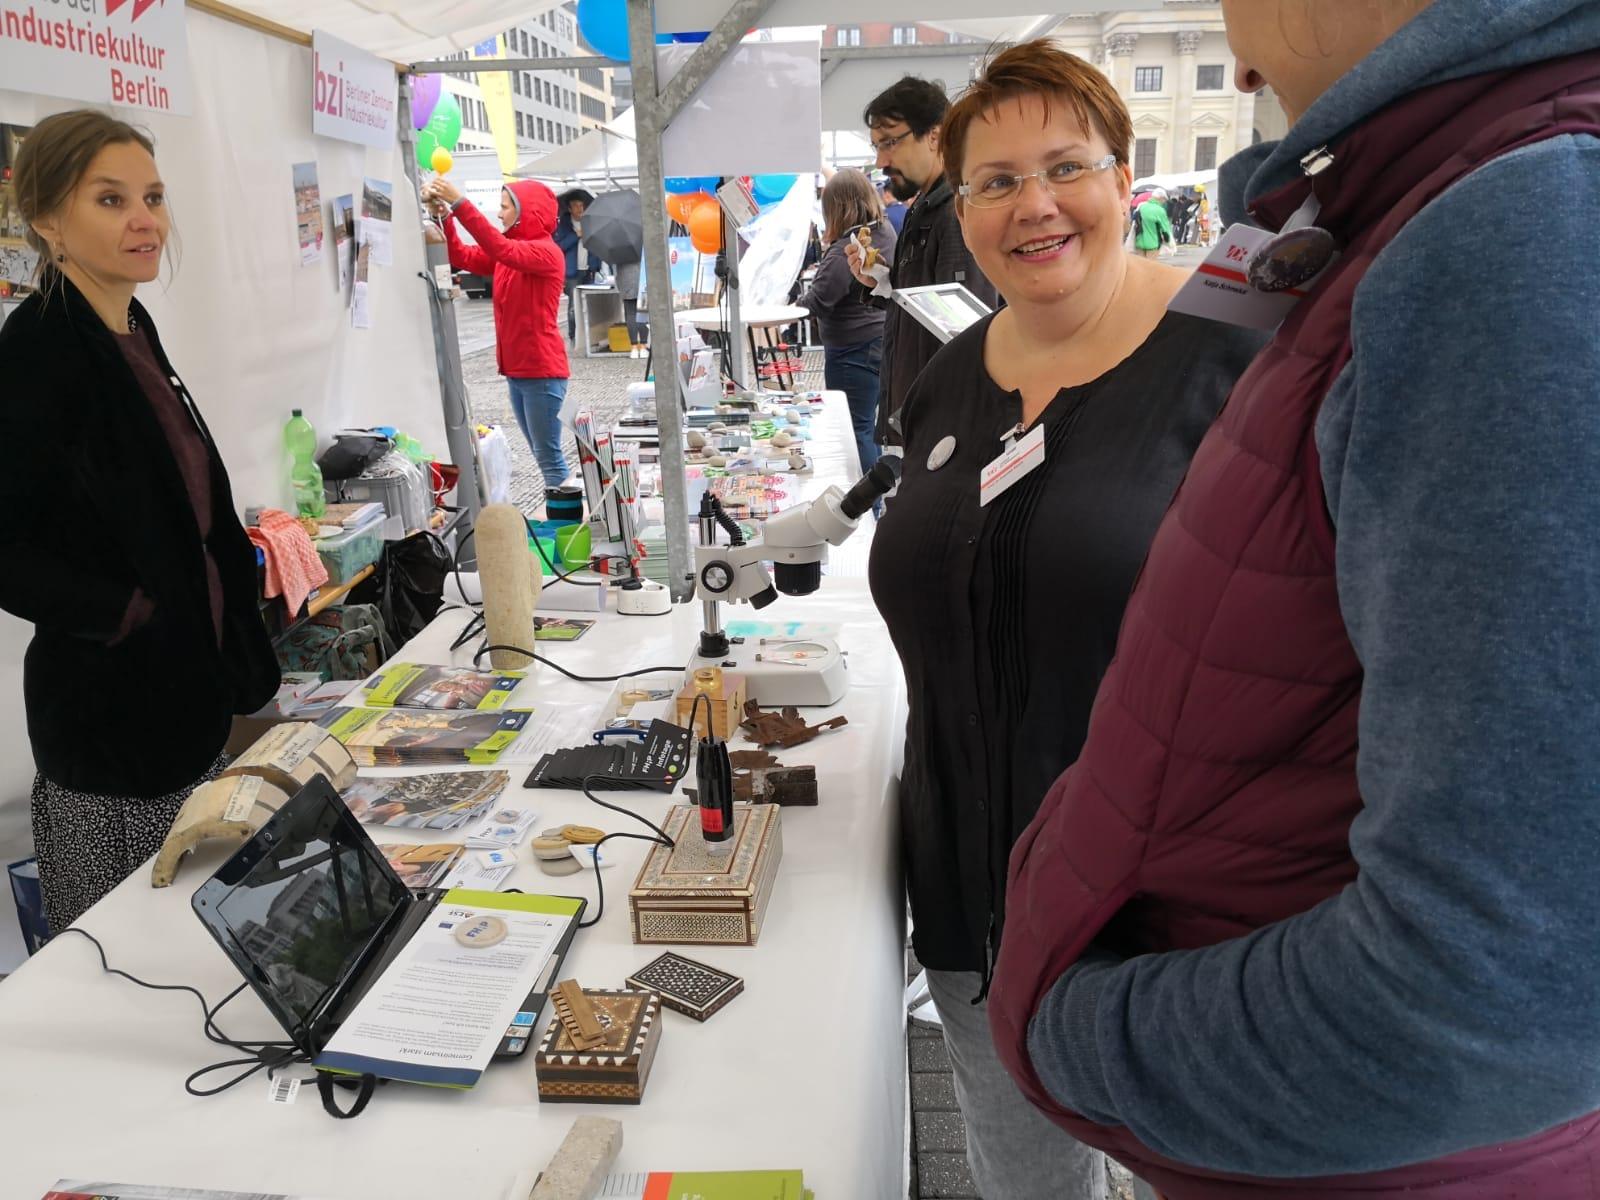 v.li.n.re.: Prof. Dr. Alexandra Jeberien (HTW Berlin), Prof. Dr. Angelika Rauch (FH Potsdam) und Katja Schmeikal (FH Potsdam) am Marktstand. Foto: LG BB.